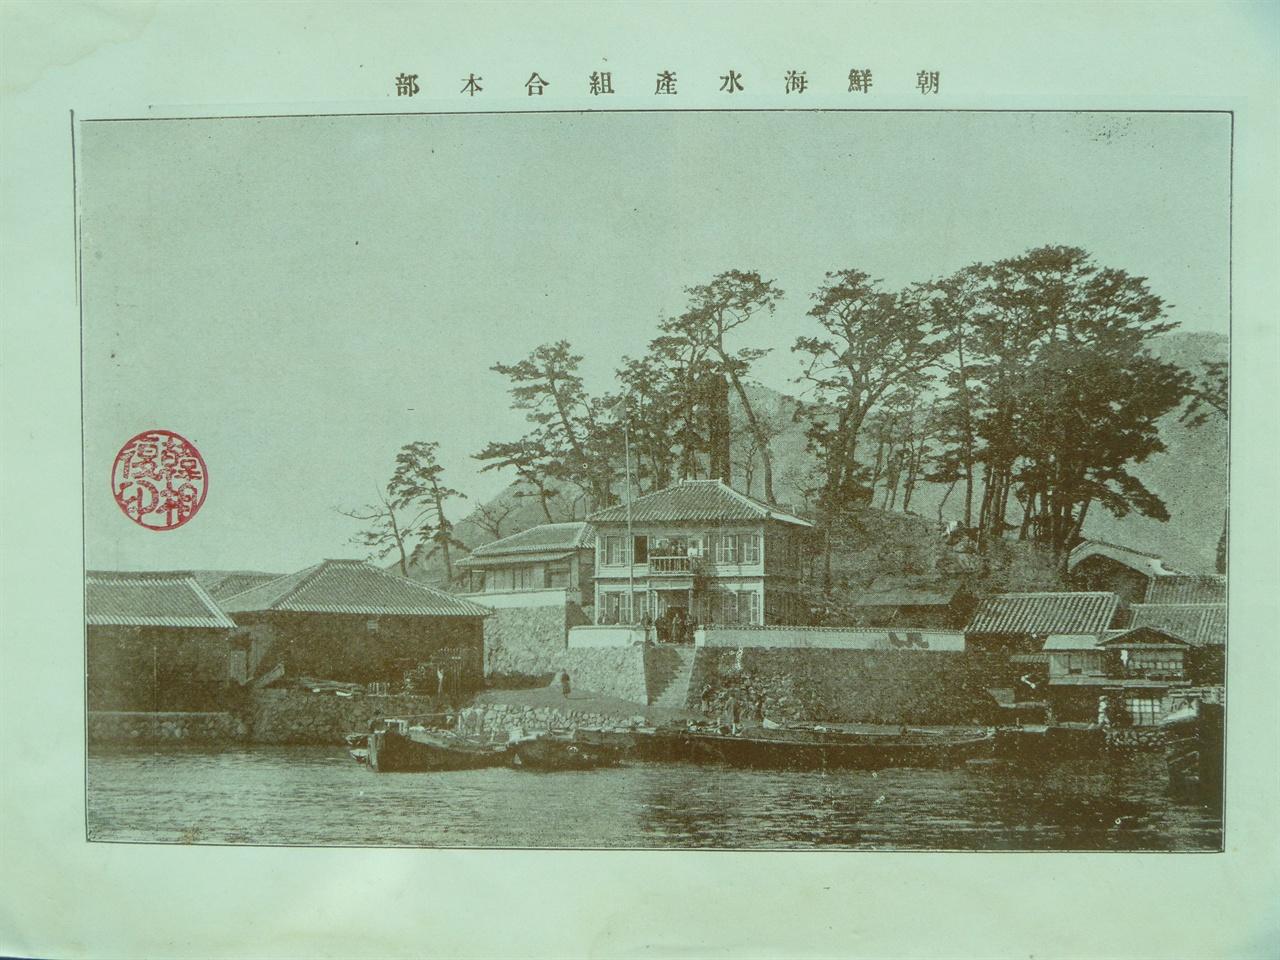 풀뿌리 식민 정책의 온상 조선해통어조합(1899) 1903년 조선해수산조합으로 명칭이 바뀌었다.